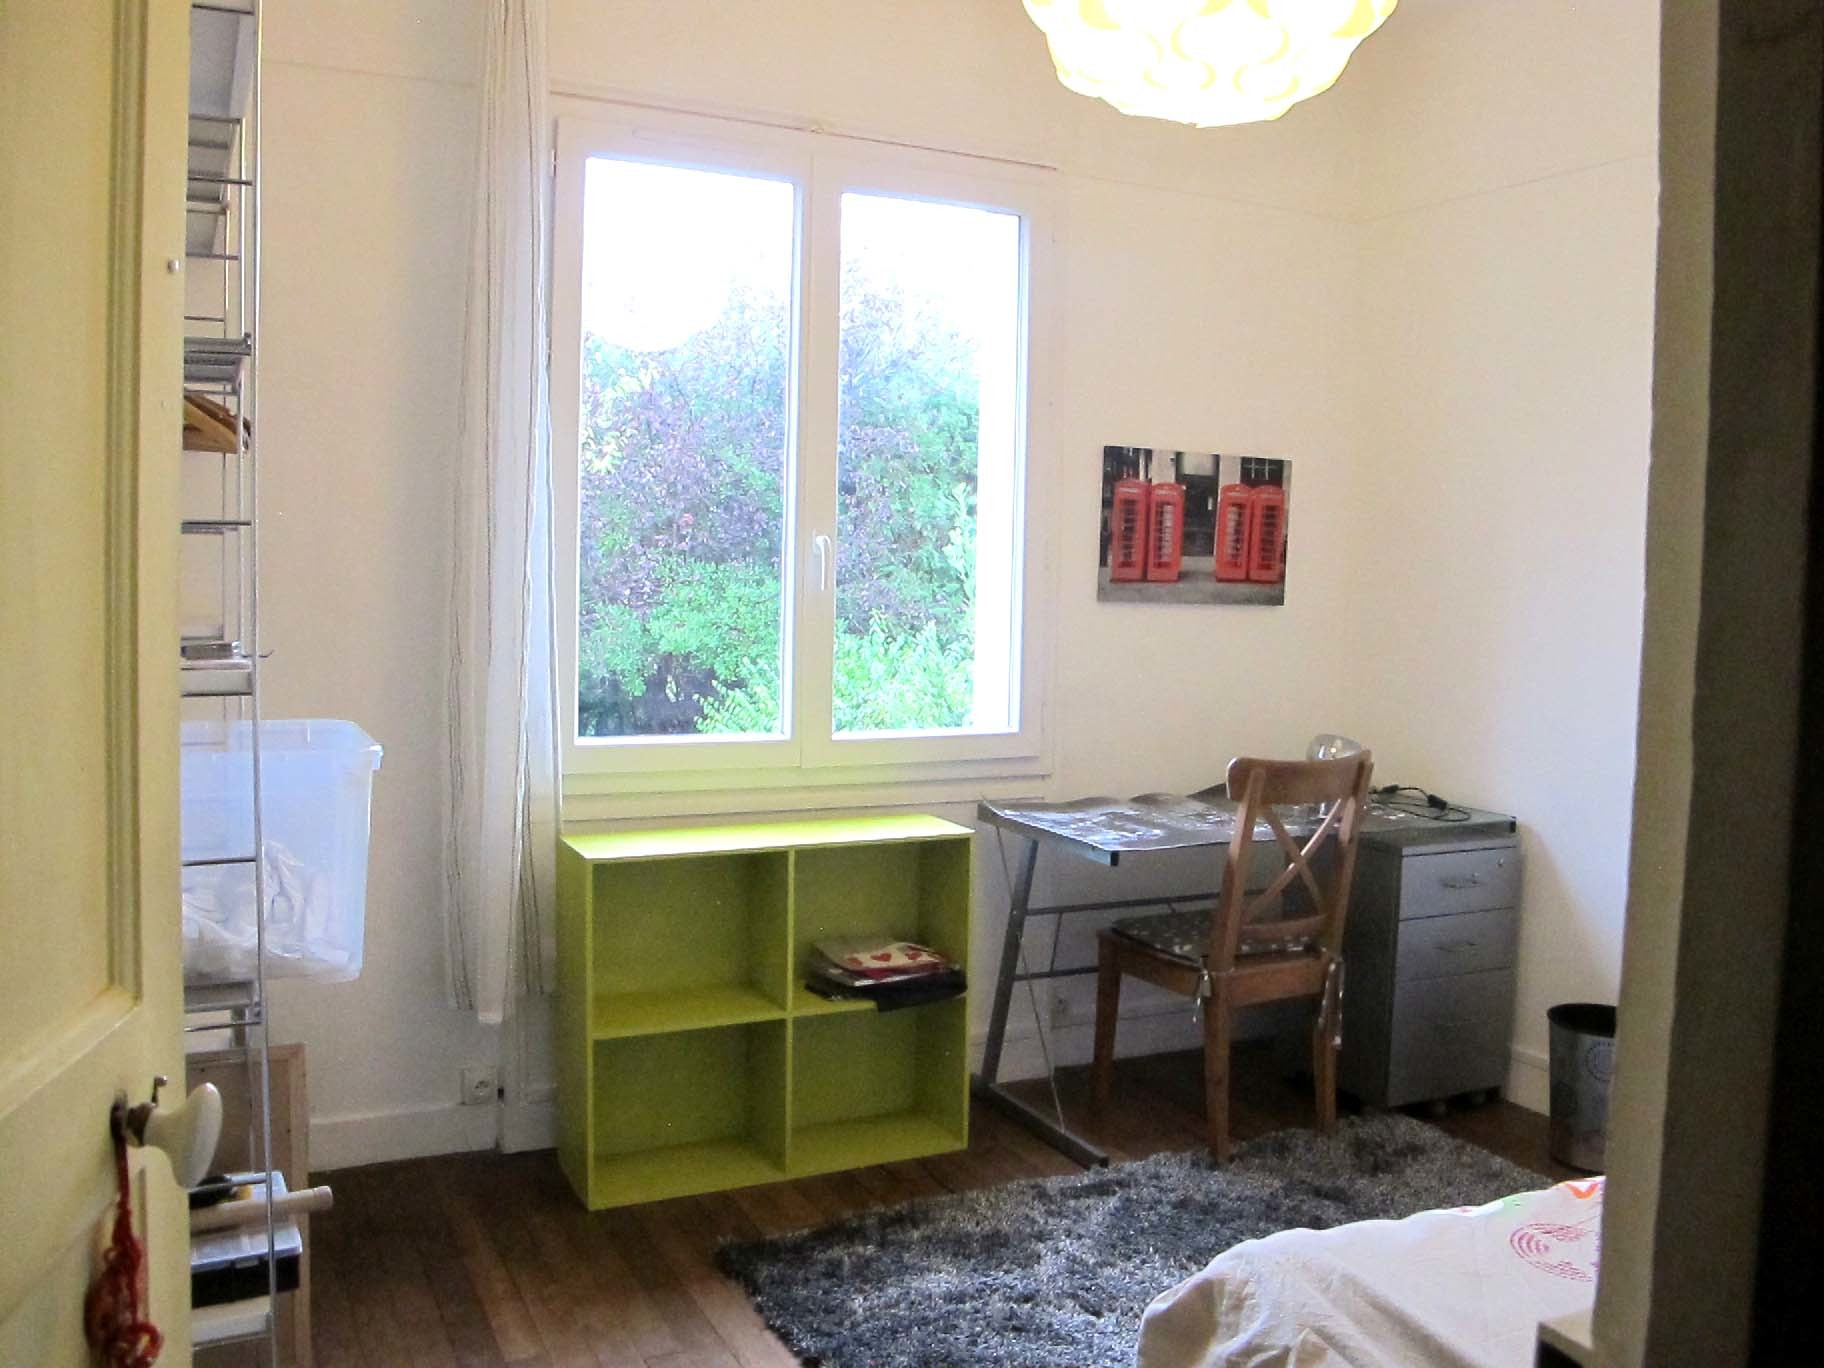 Maison trés agréable avec 3 chambres à louer pour étudiants   Location chambres Paris